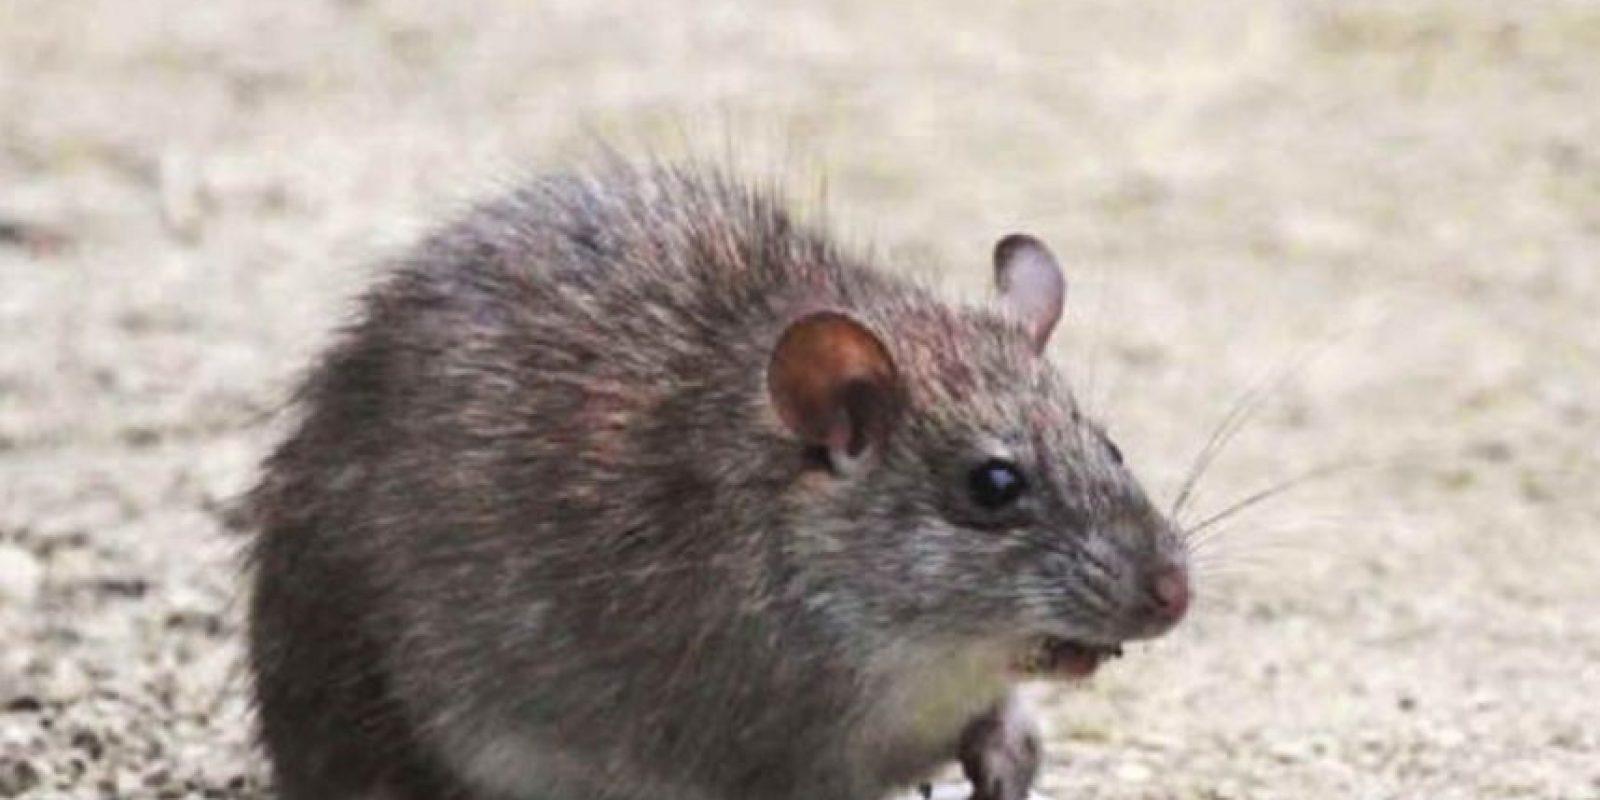 Viven en las praderas y bosques de Suramérica. Foto:vía Mammalogy.org